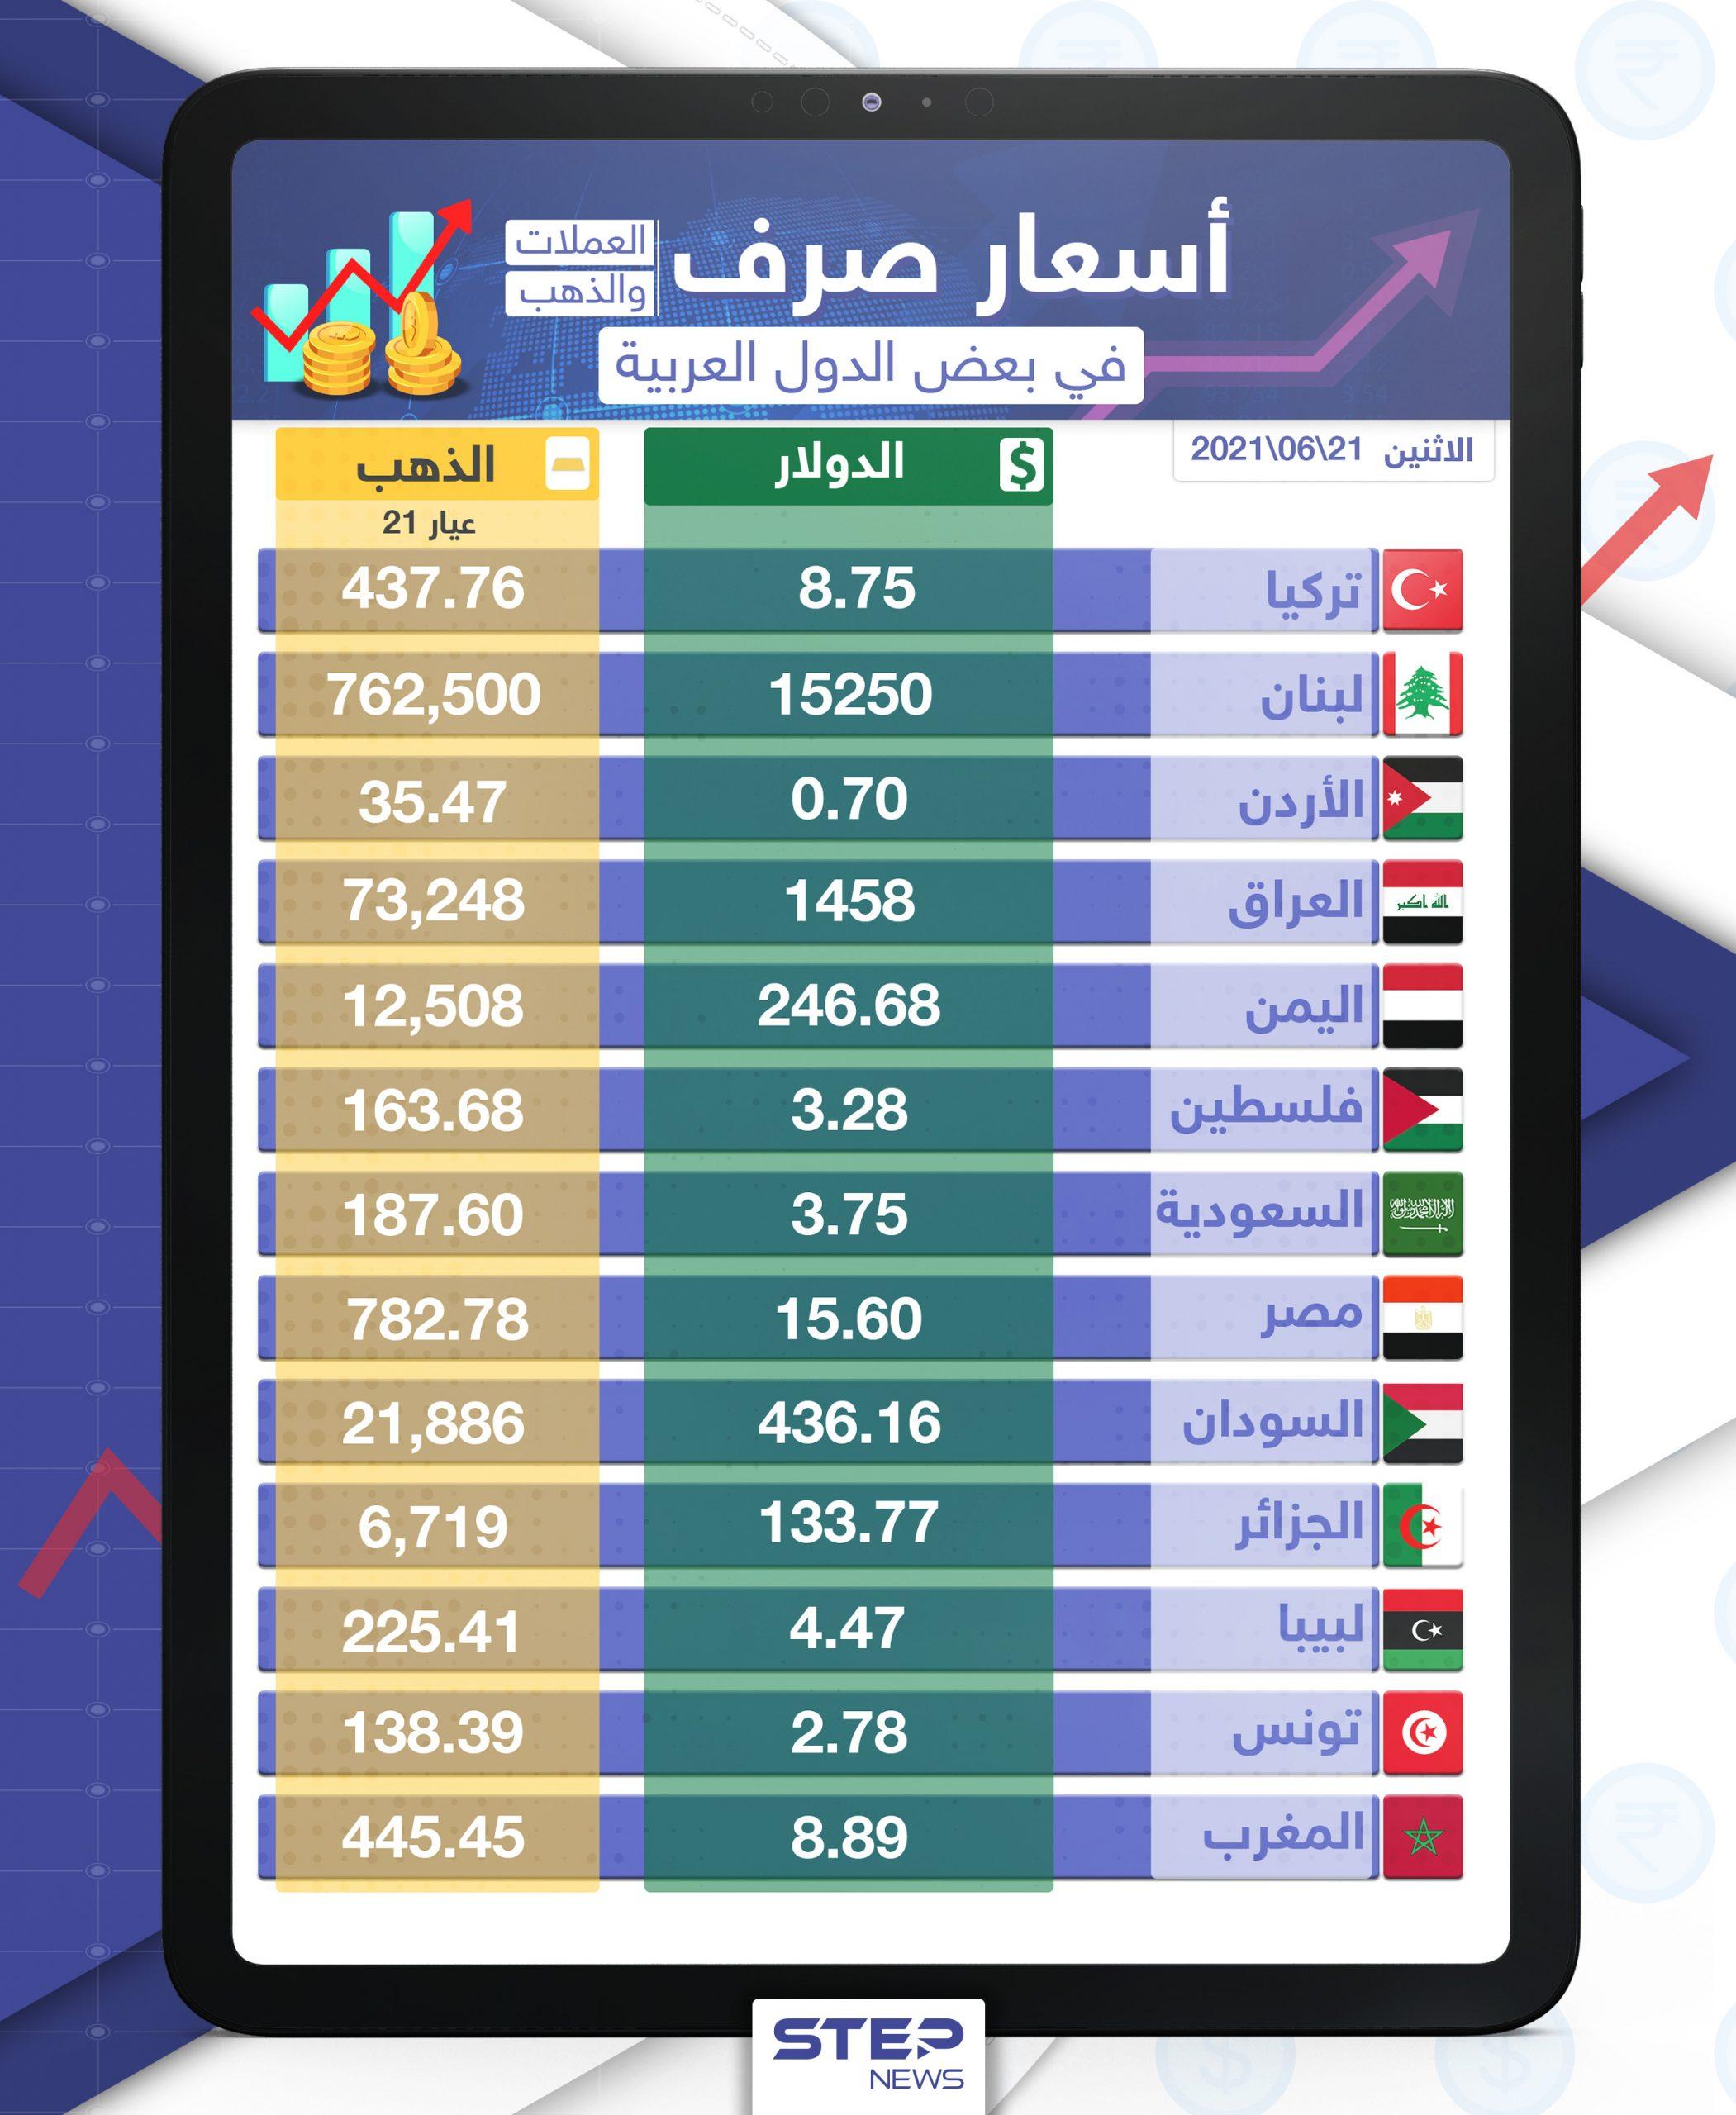 أسعار الذهب والعملات للدول العربية وتركيا اليوم الاثنين الموافق 21 حزيران 2021